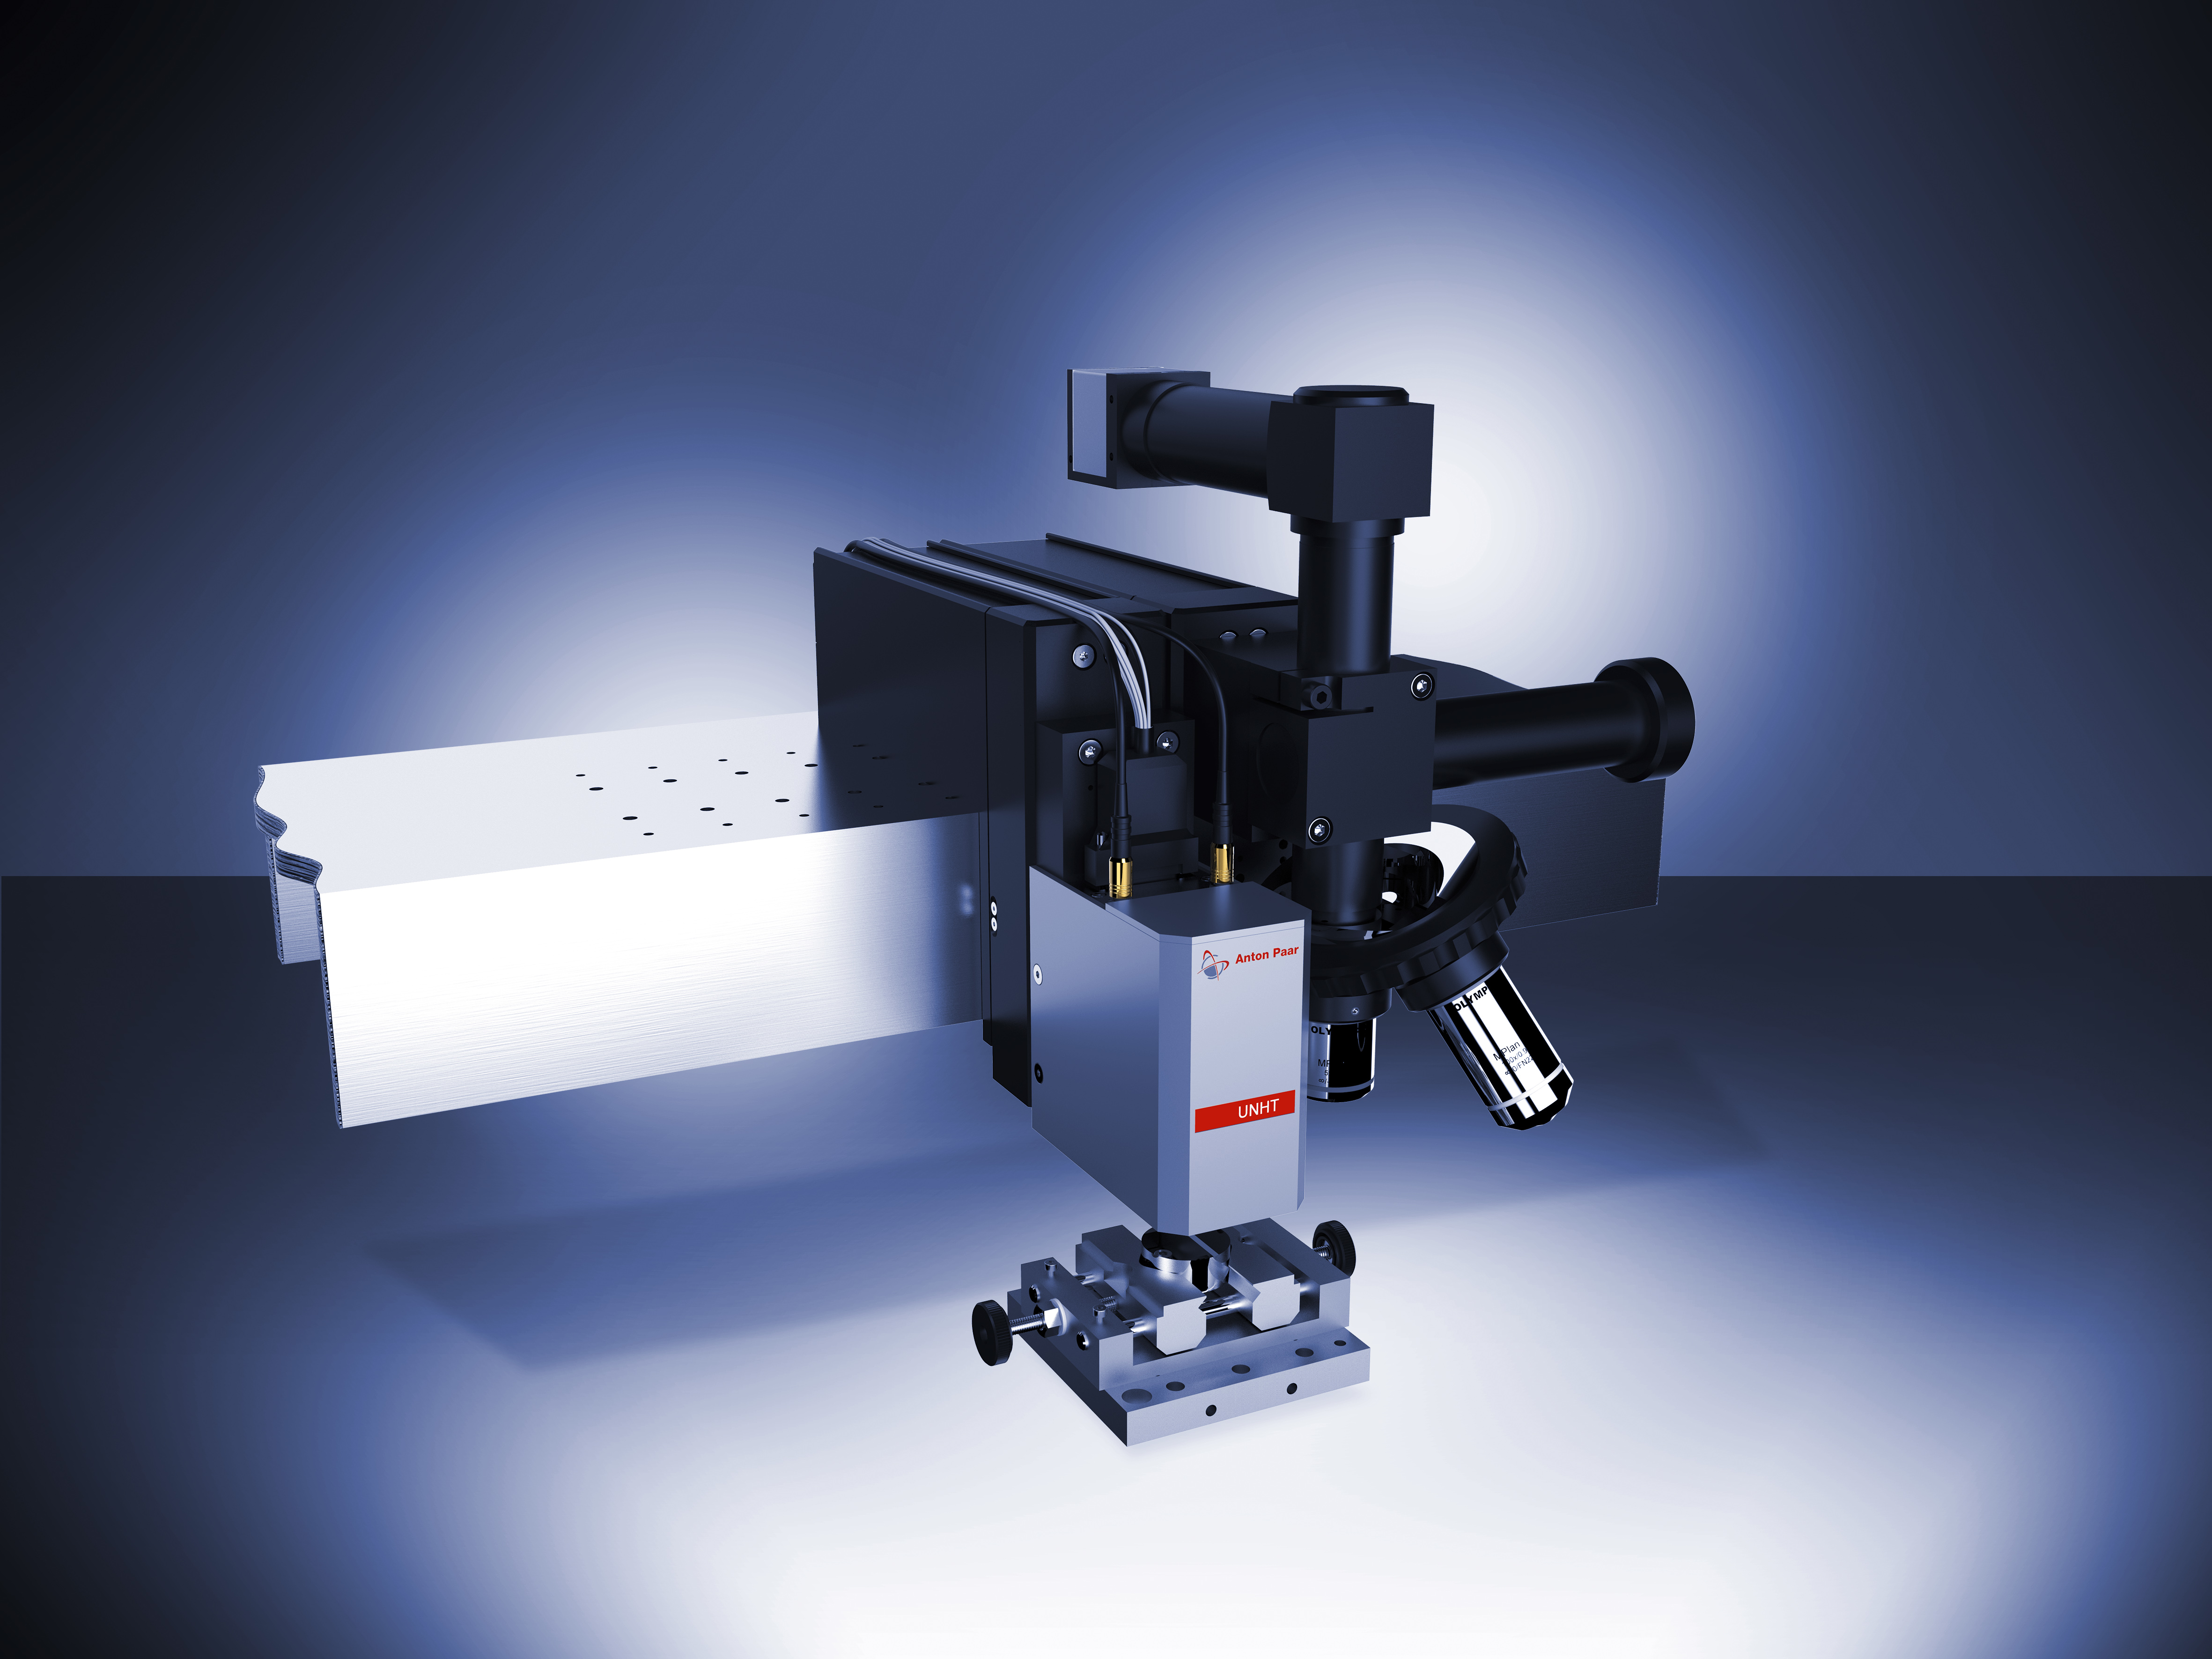 Рис. 2: Модуль УльтраНаноиндентирования и Видеомикроскоп на балке платформы